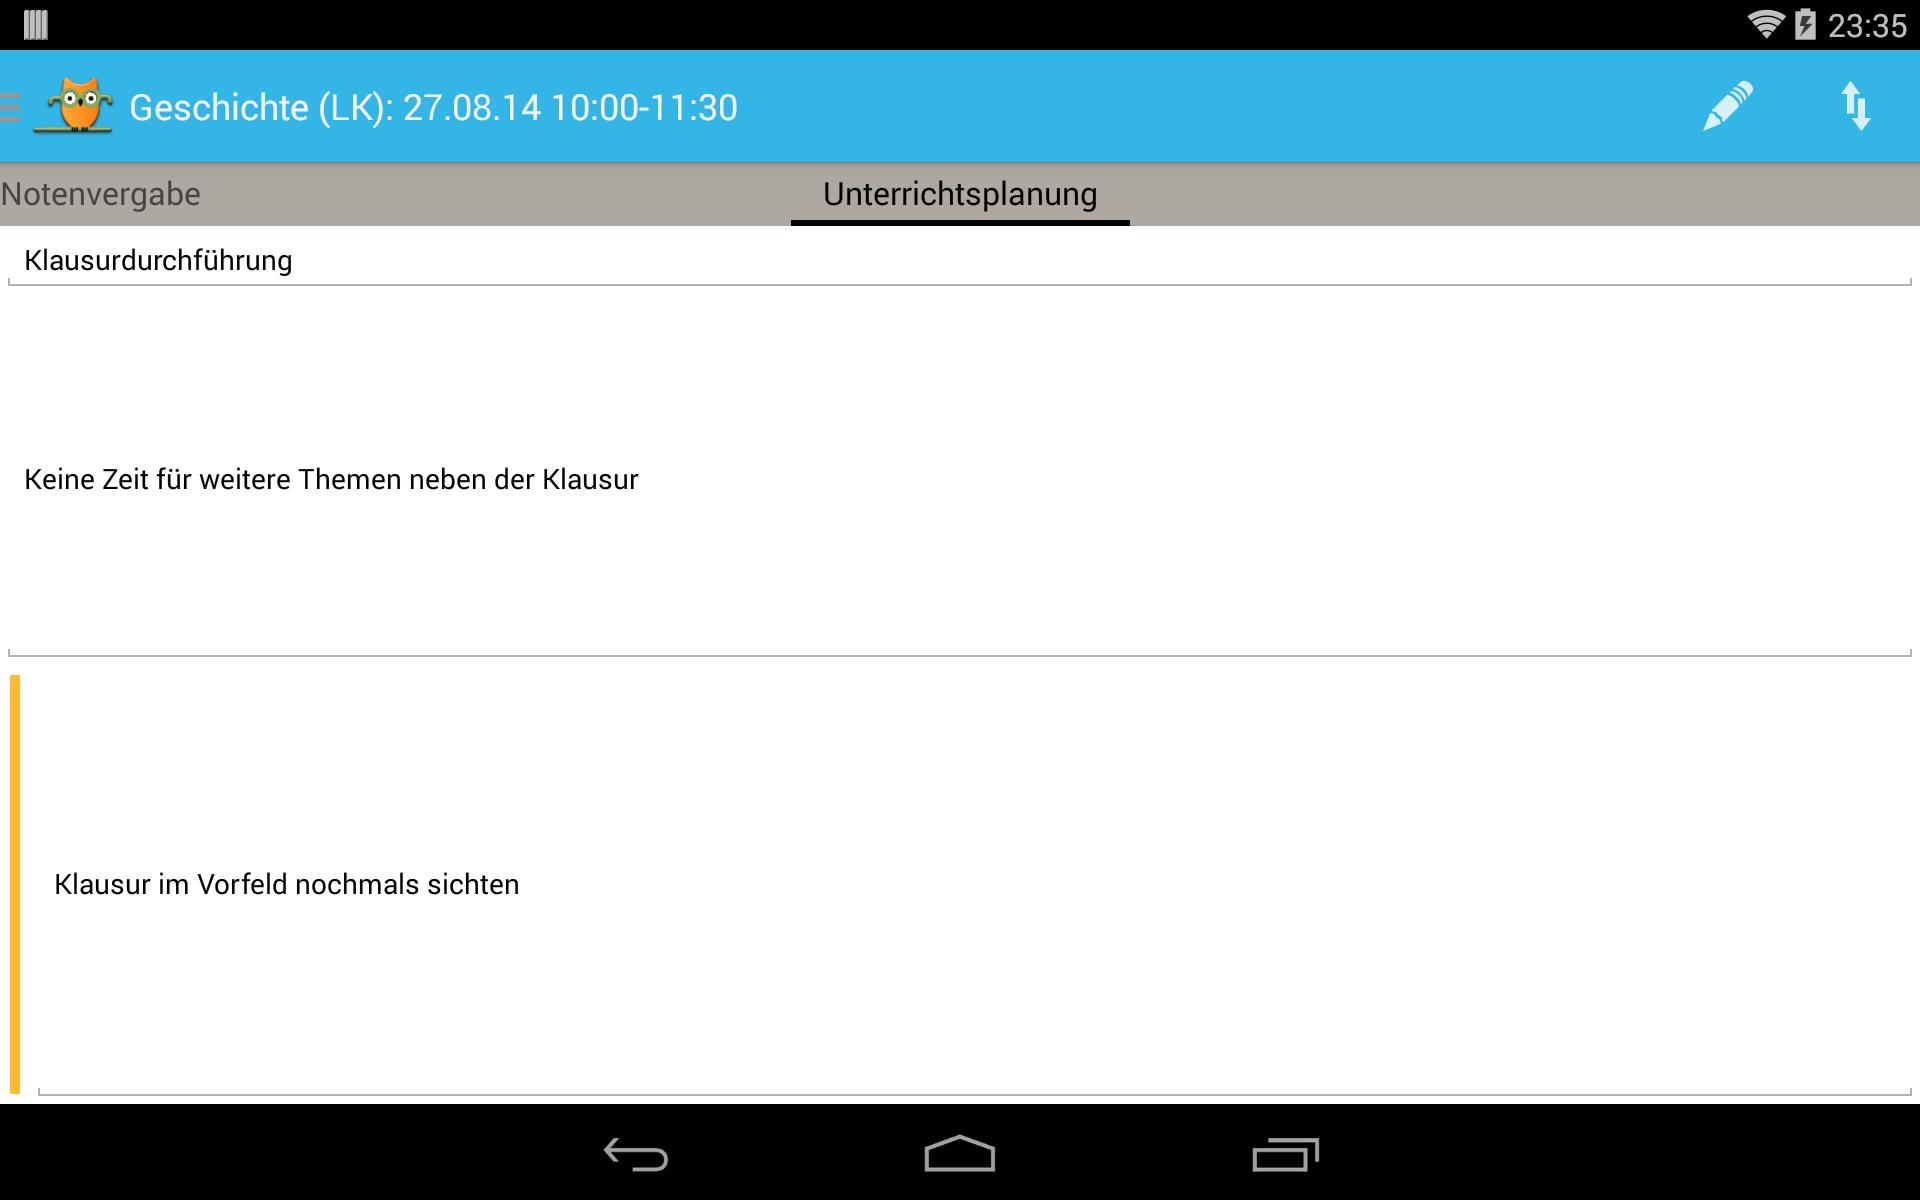 TeacherStudio-Handbuch-Android-Tablet-Unterrichtsstunde-Unterrichtsplanung